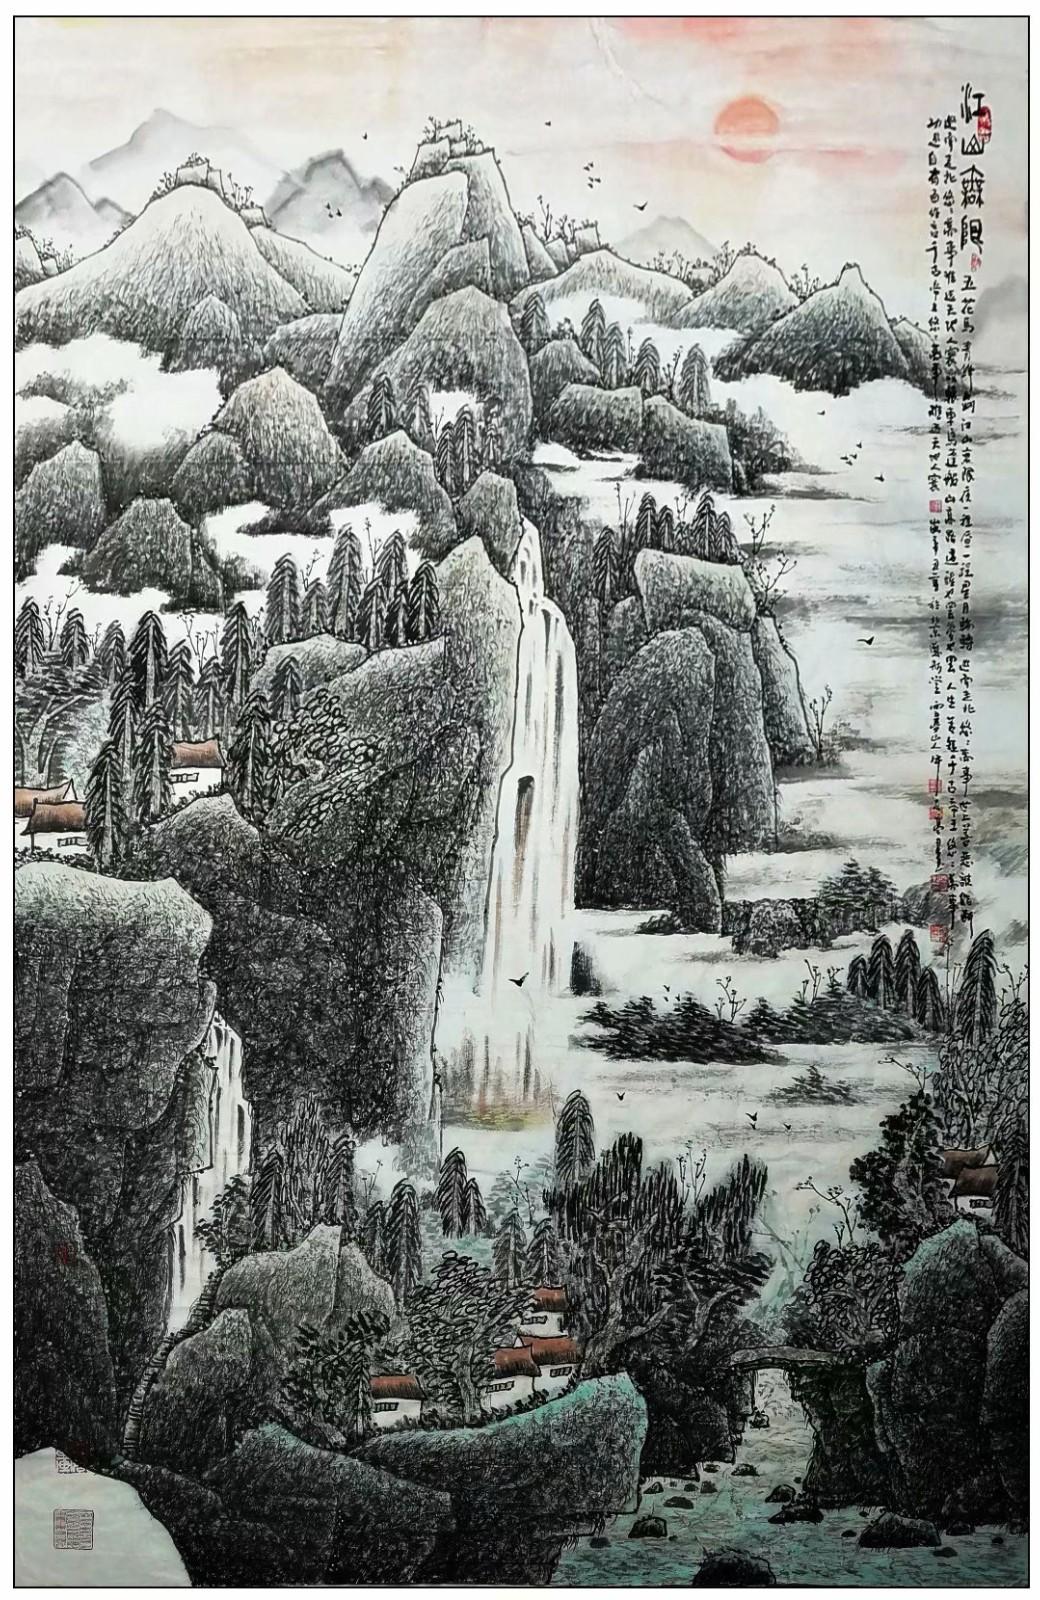 庆祝中国共产党成立100周年---牛志高山水画【220CMX150CM】2021.03.31 ..._图1-11